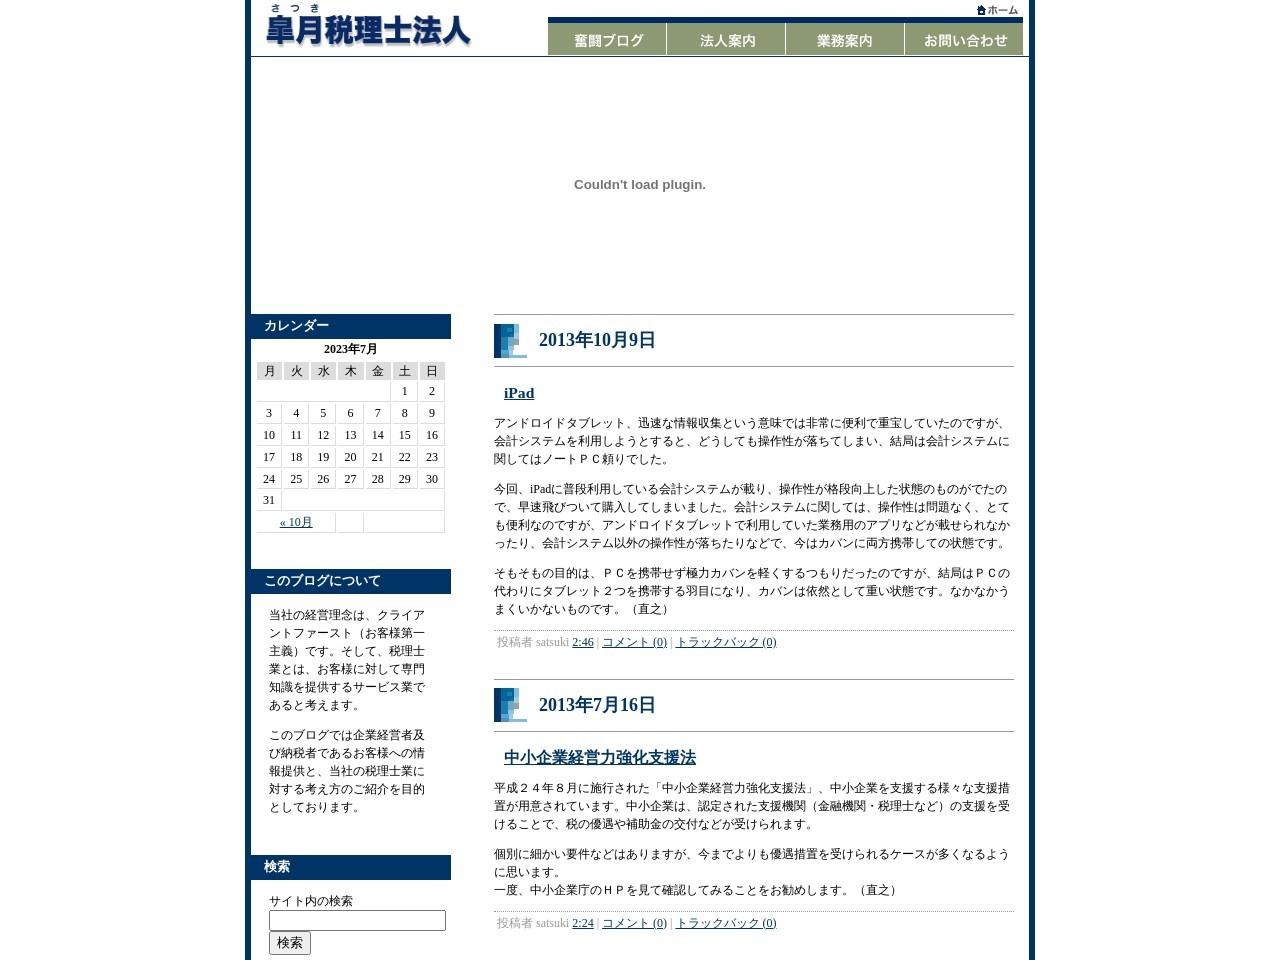 皐月(税理士法人)